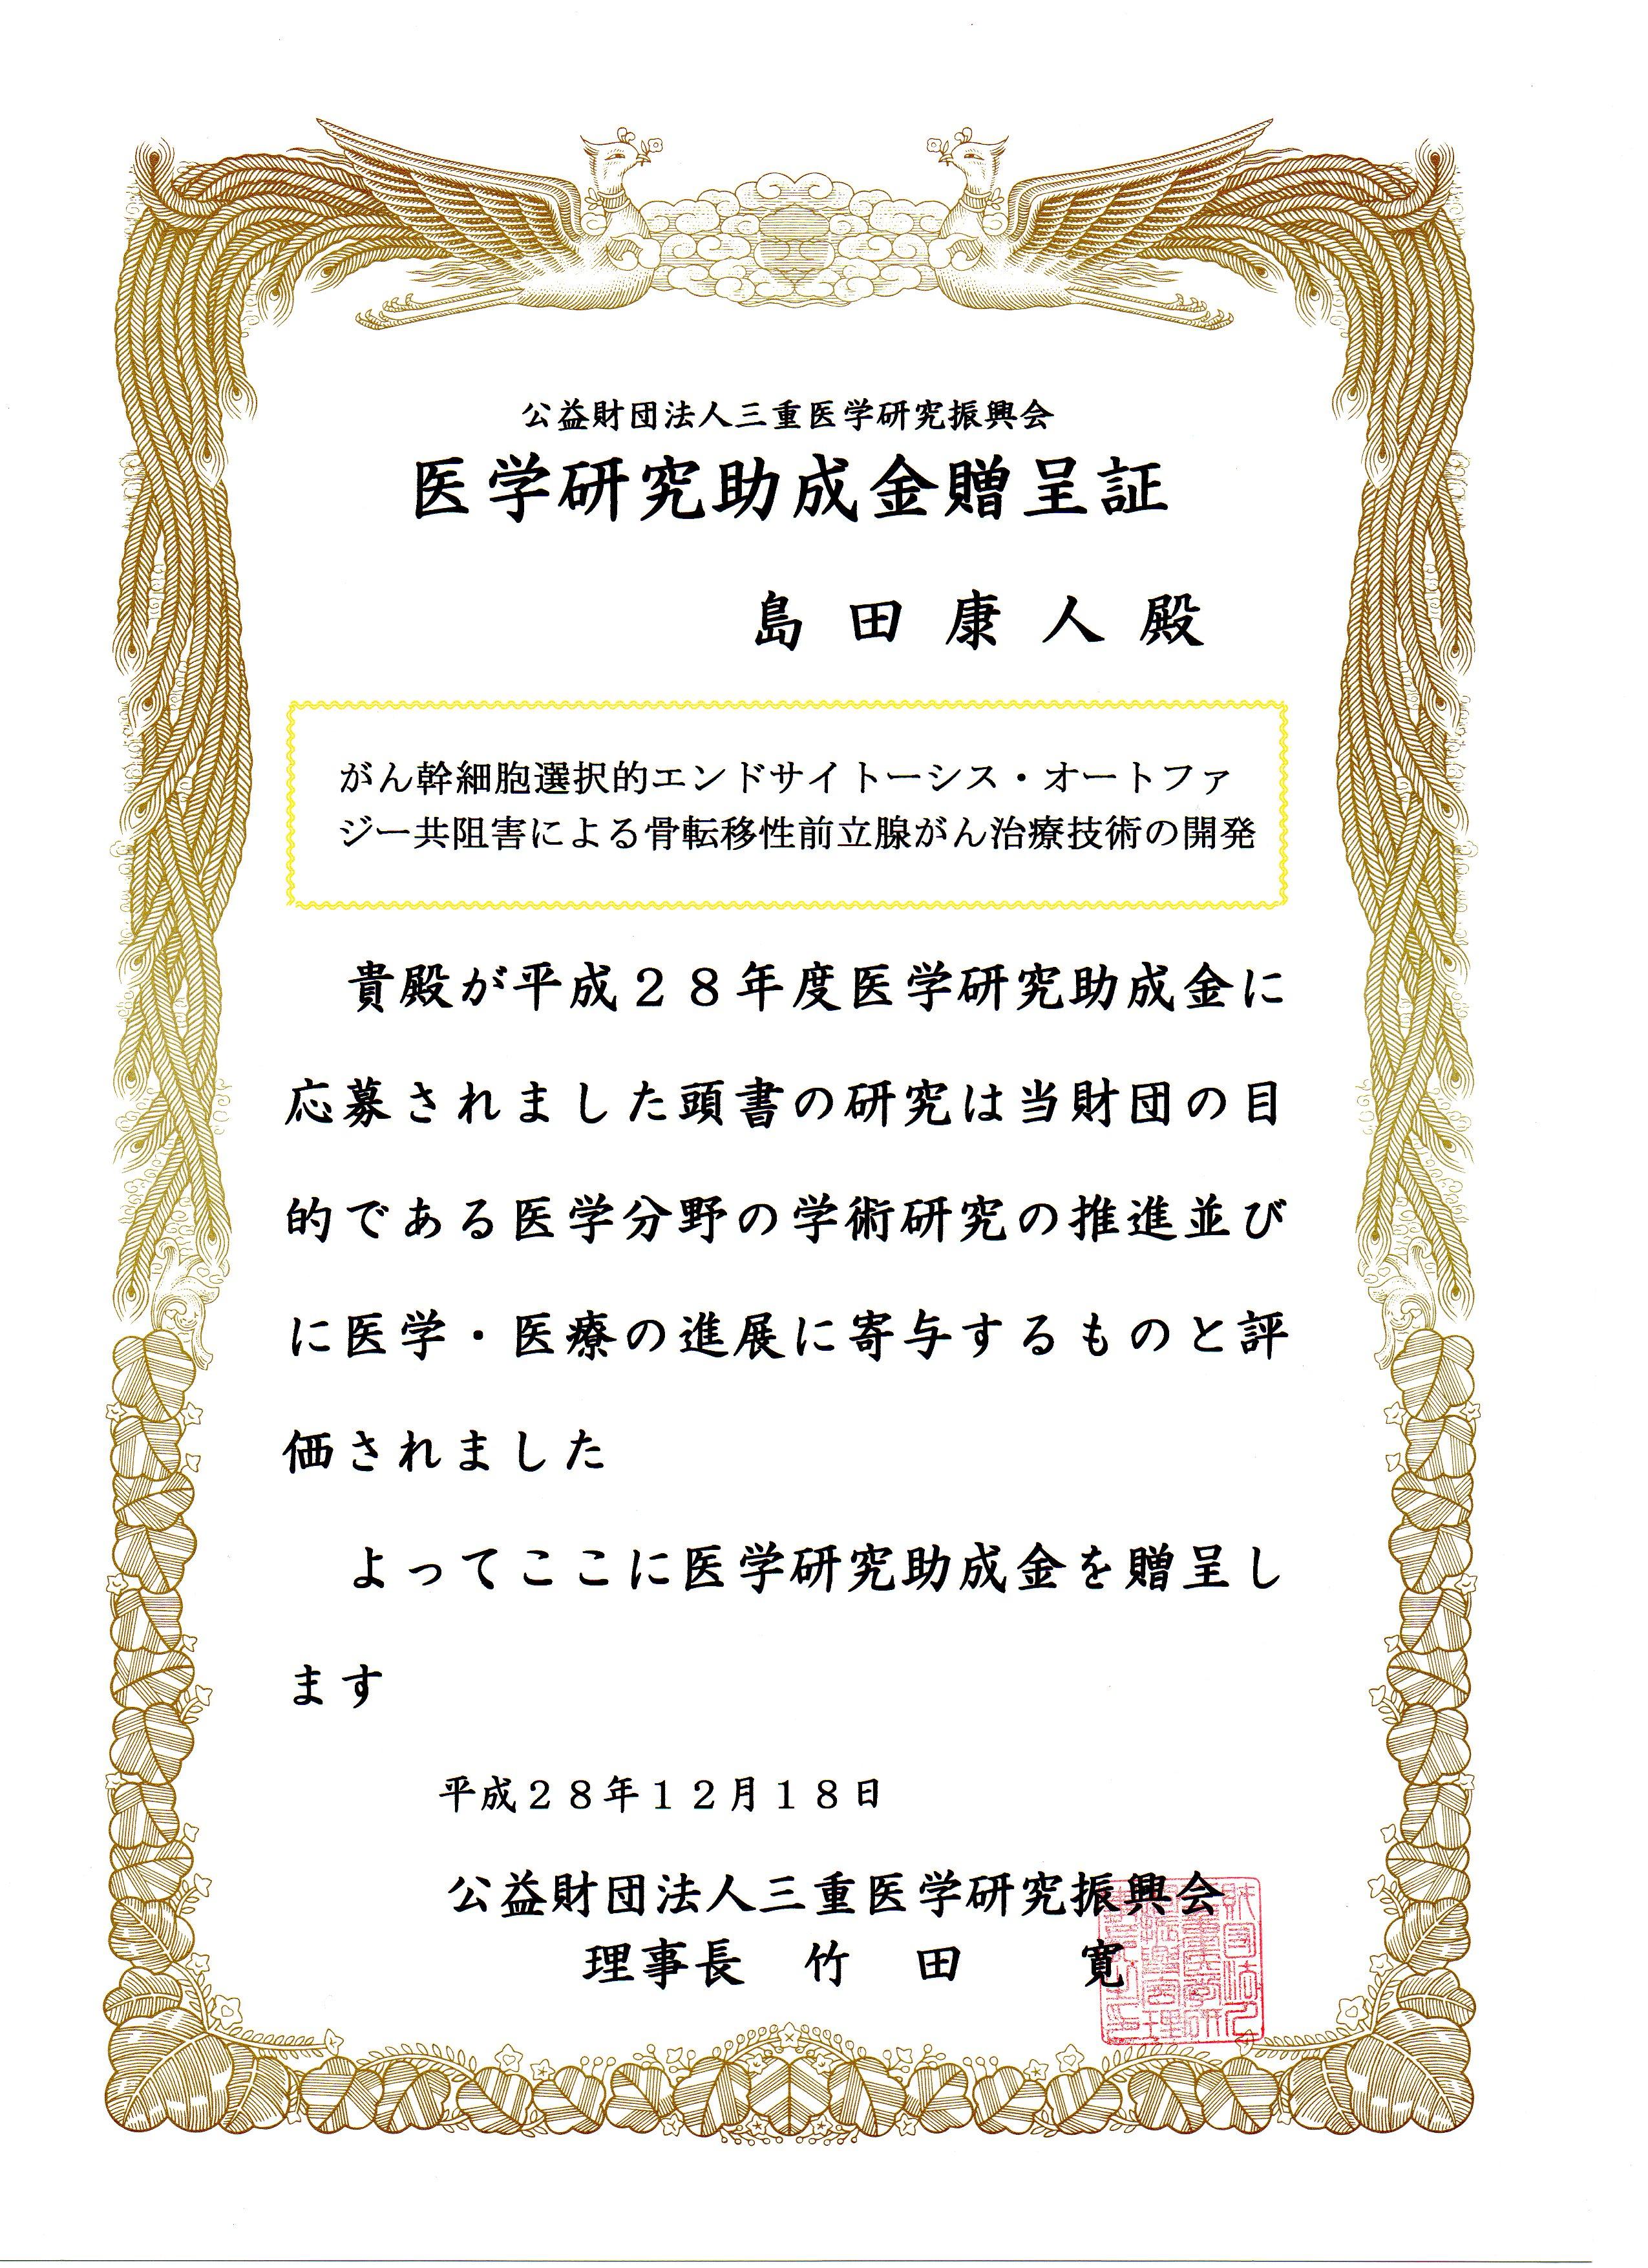 161218三重県医学研究助成2